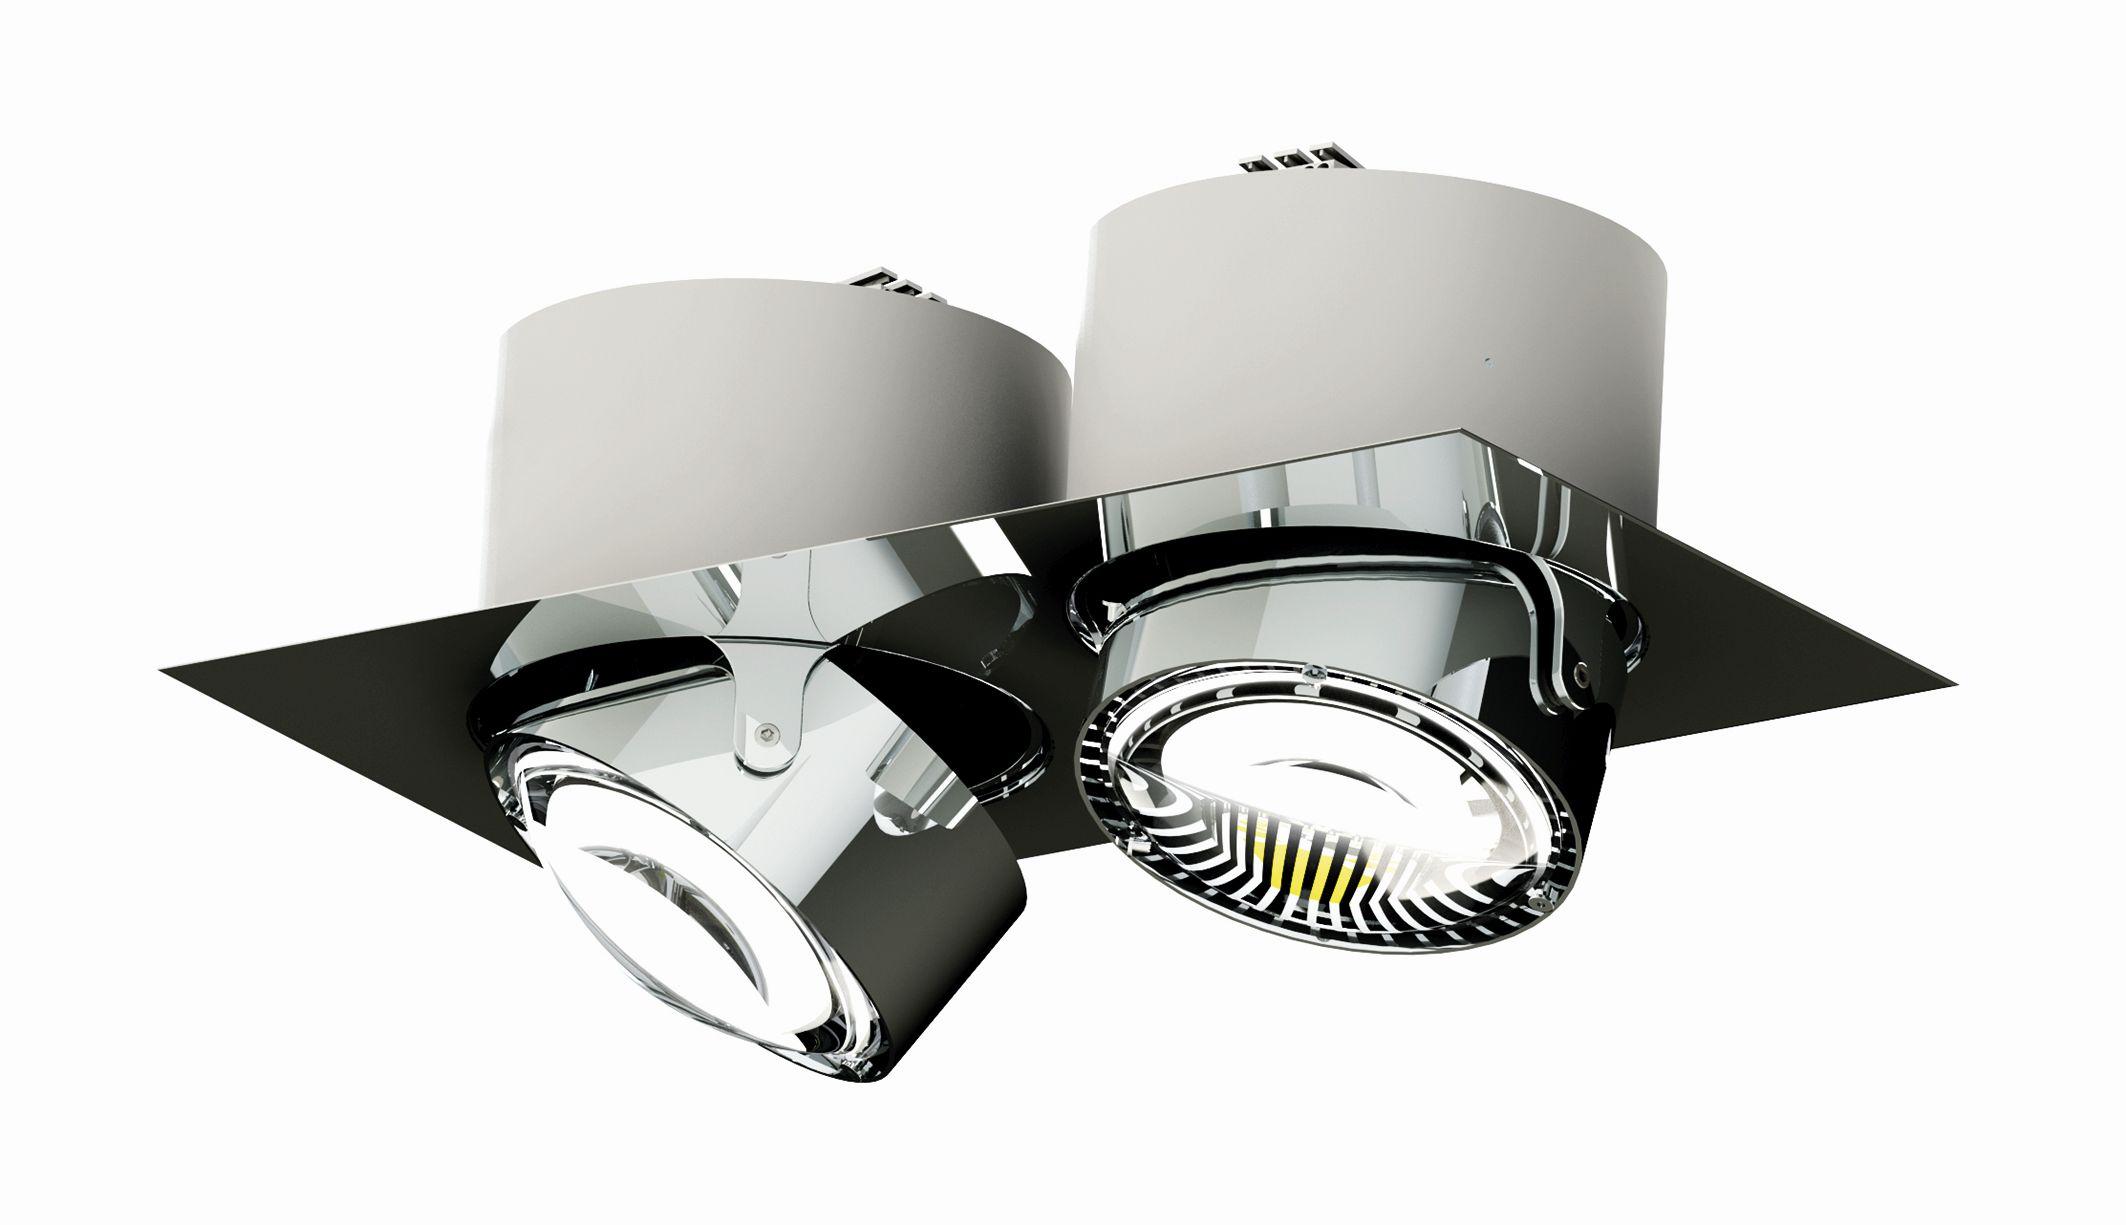 Deckenleuchten von Top Light Leuchten Deckeneinbauleuchte Puk Inside Twin + G9 Fassung + LED Retrofit 7-73007-H